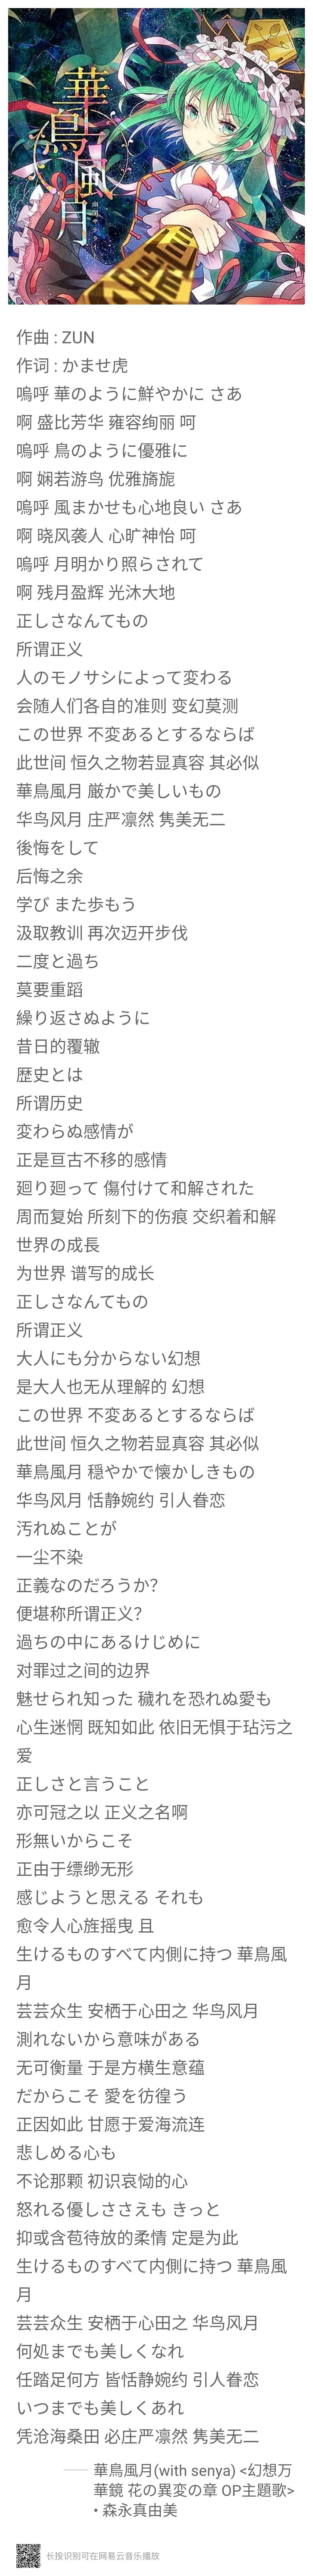 【音乐】華鳥風月,3d全彩无码阿姨漫画